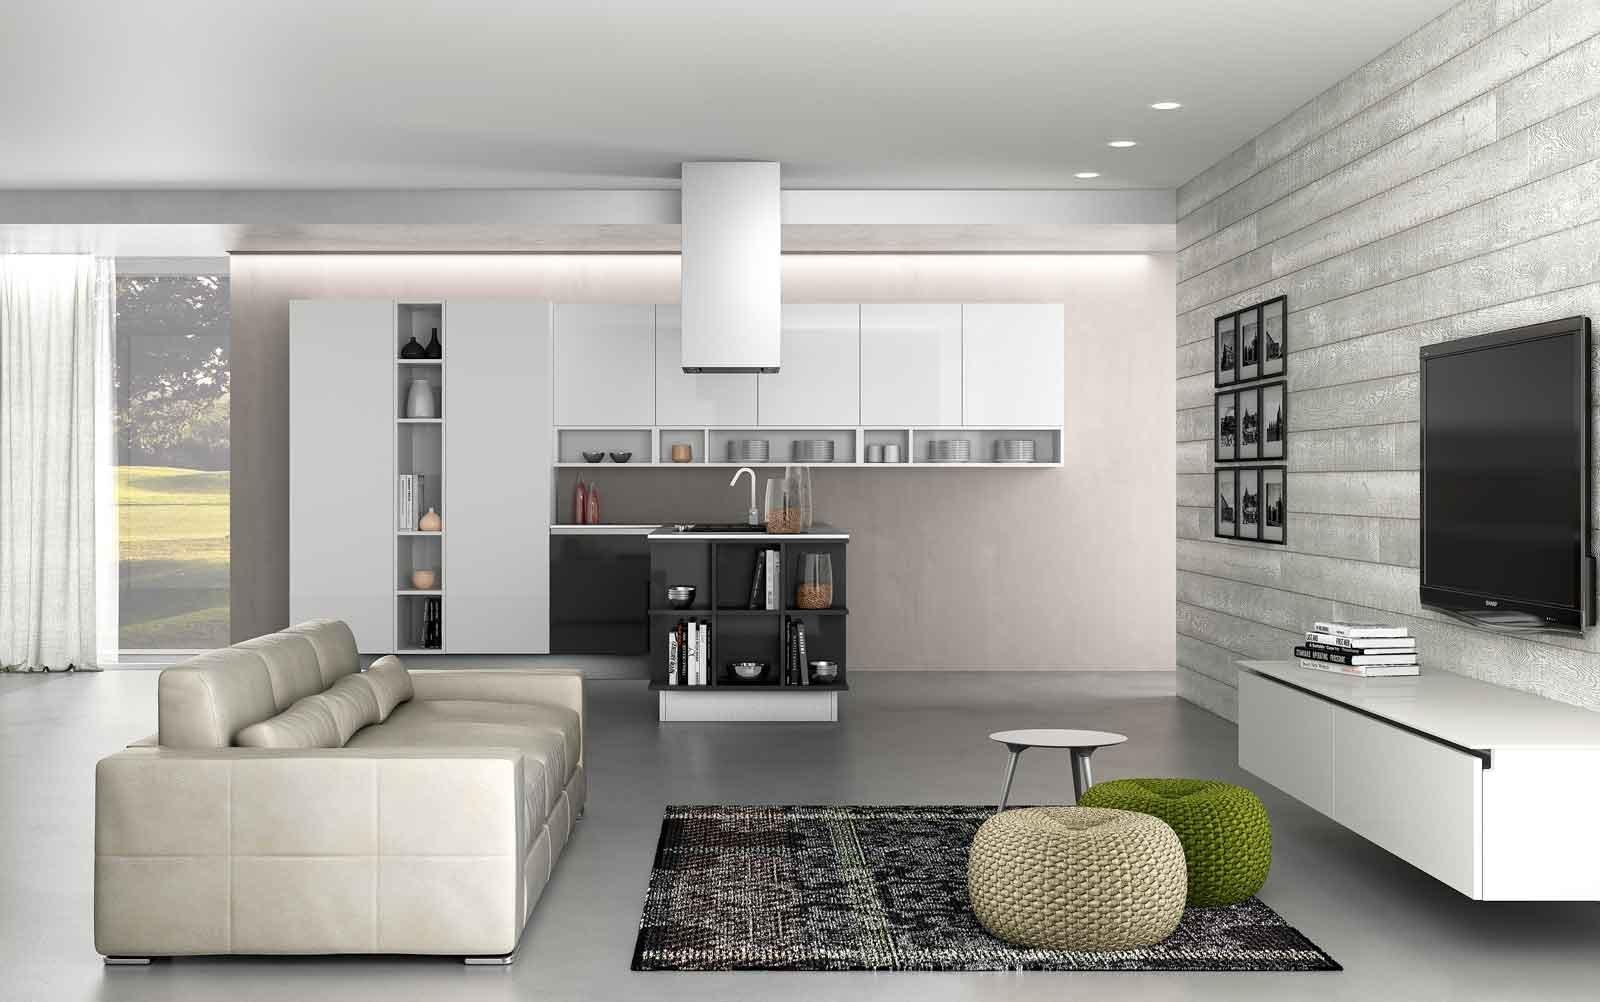 Cucina e soggiorno in un unico ambiente 3 stili cose di for Foto living moderni